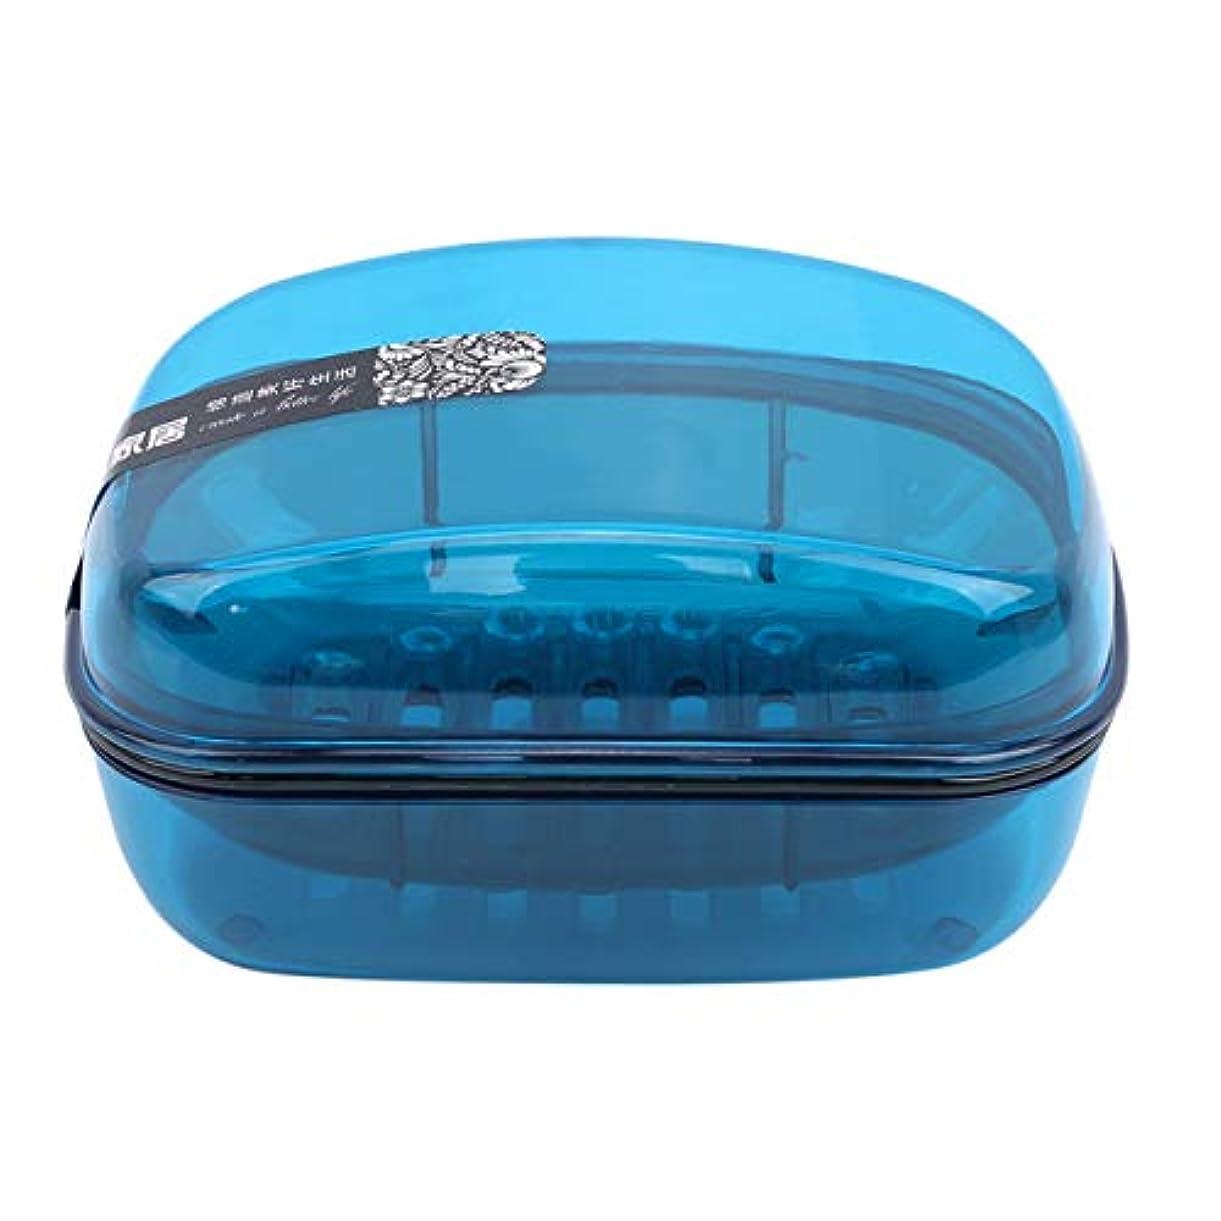 注釈を付ける管理者超高層ビルZALING石鹸収納ボックス皿バスルームアクセサリーソープボックスケースホルダー付きカバーブルー